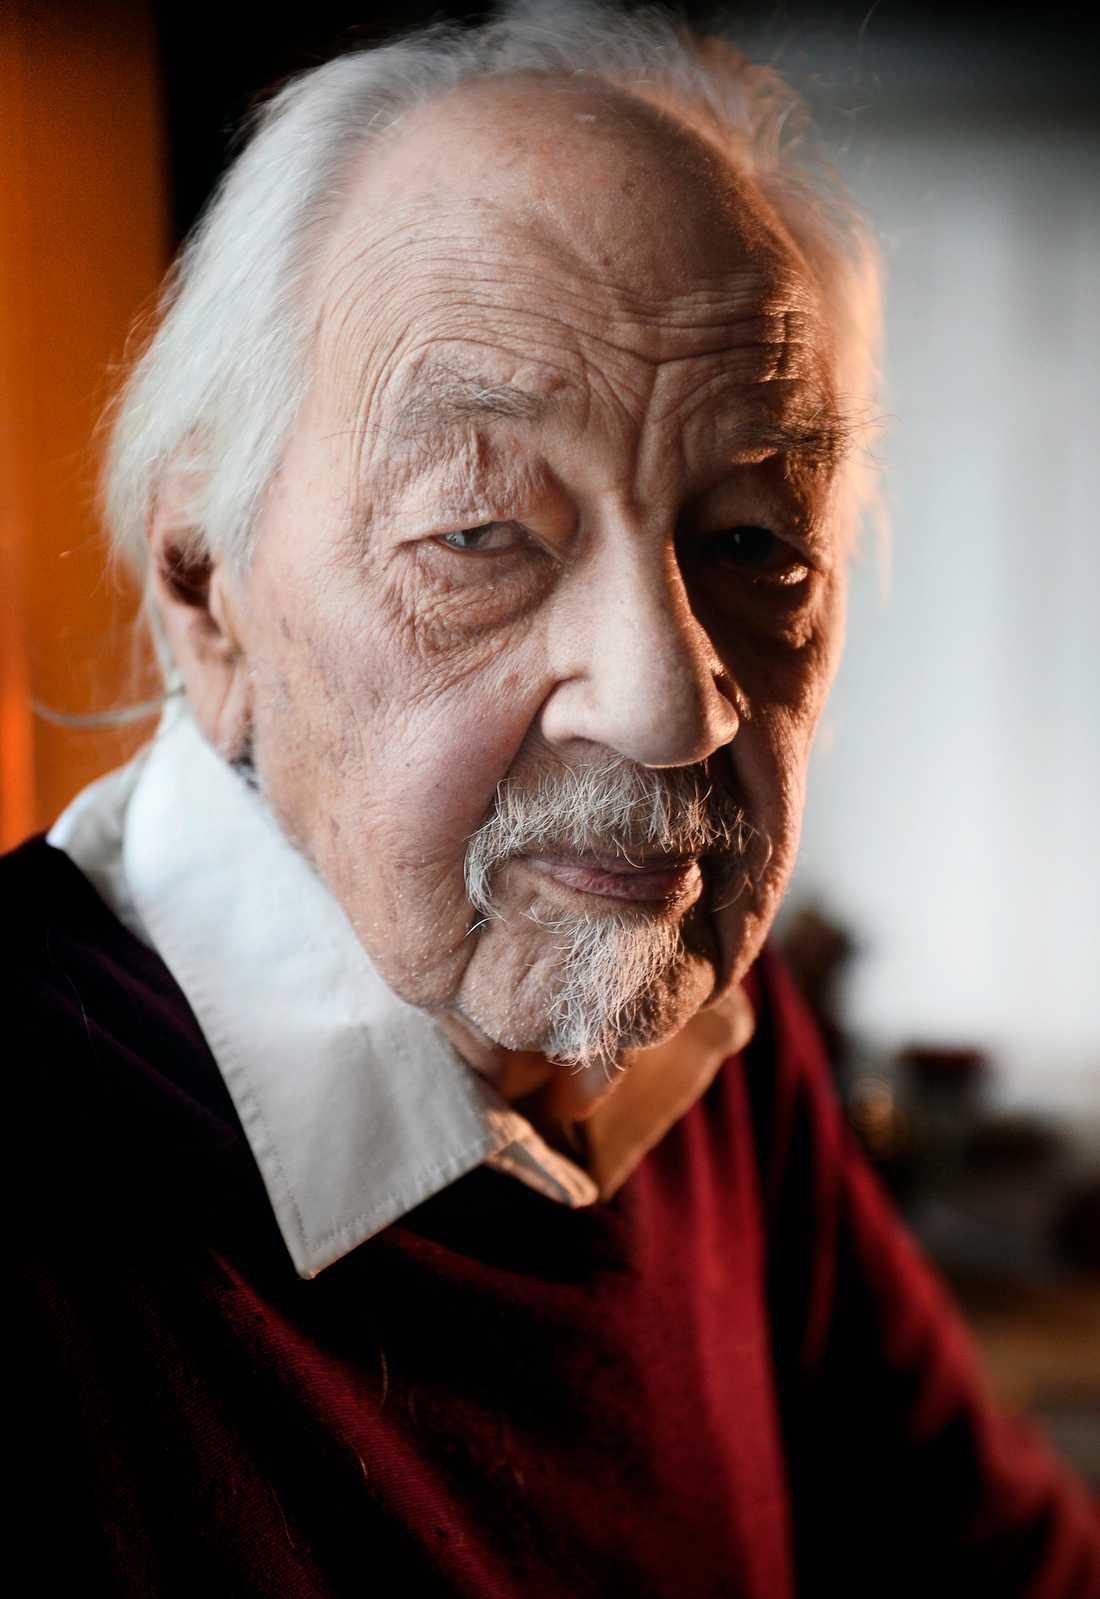 Barnboksförfattaren Lennart Hellsing i december 2014. Foto: STEFAN MATTSSON